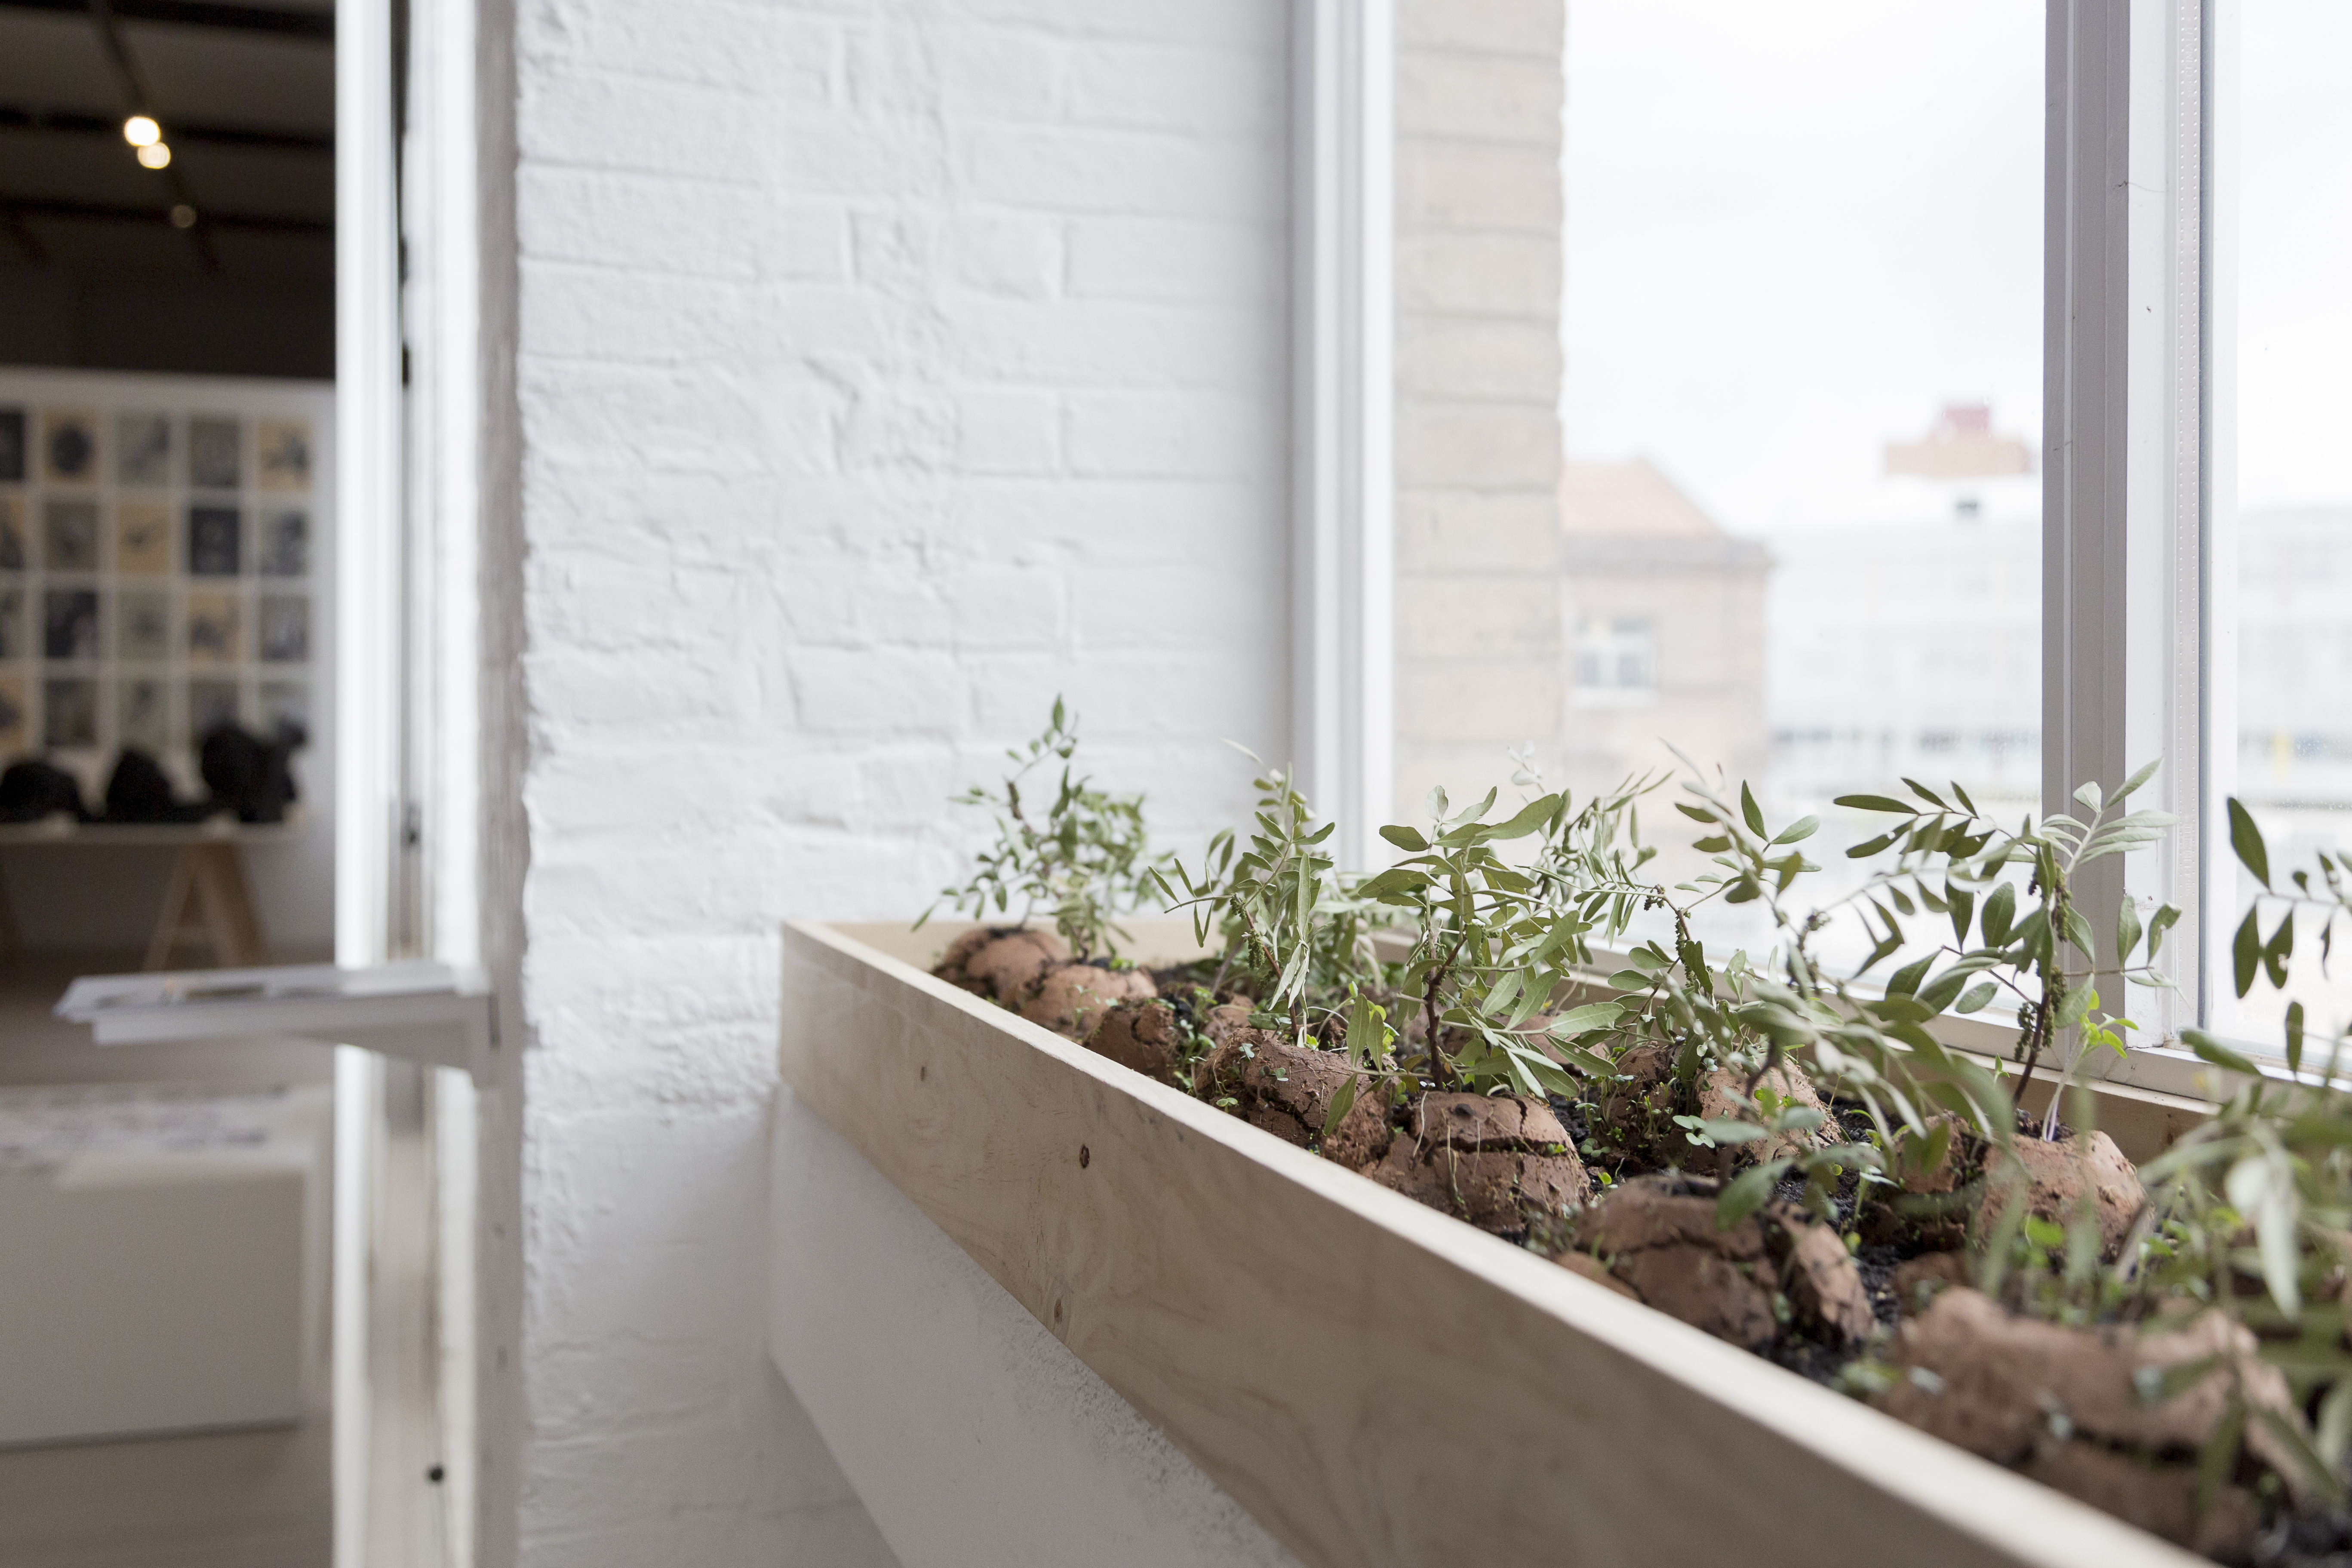 """""""Bioloop. Collserola conquereix Barcelona"""", de Nutcreatives EN RESiDÈNCiA a l'institut Joan Boscà (2012-2013). Inclosa a l'exposició """"Aquí hem trobat un espai per pensar. 10 anys EN RESiDÈNCiA"""" (2019, Fabra i Coats-Centre d'art). ©Eva Carasol"""